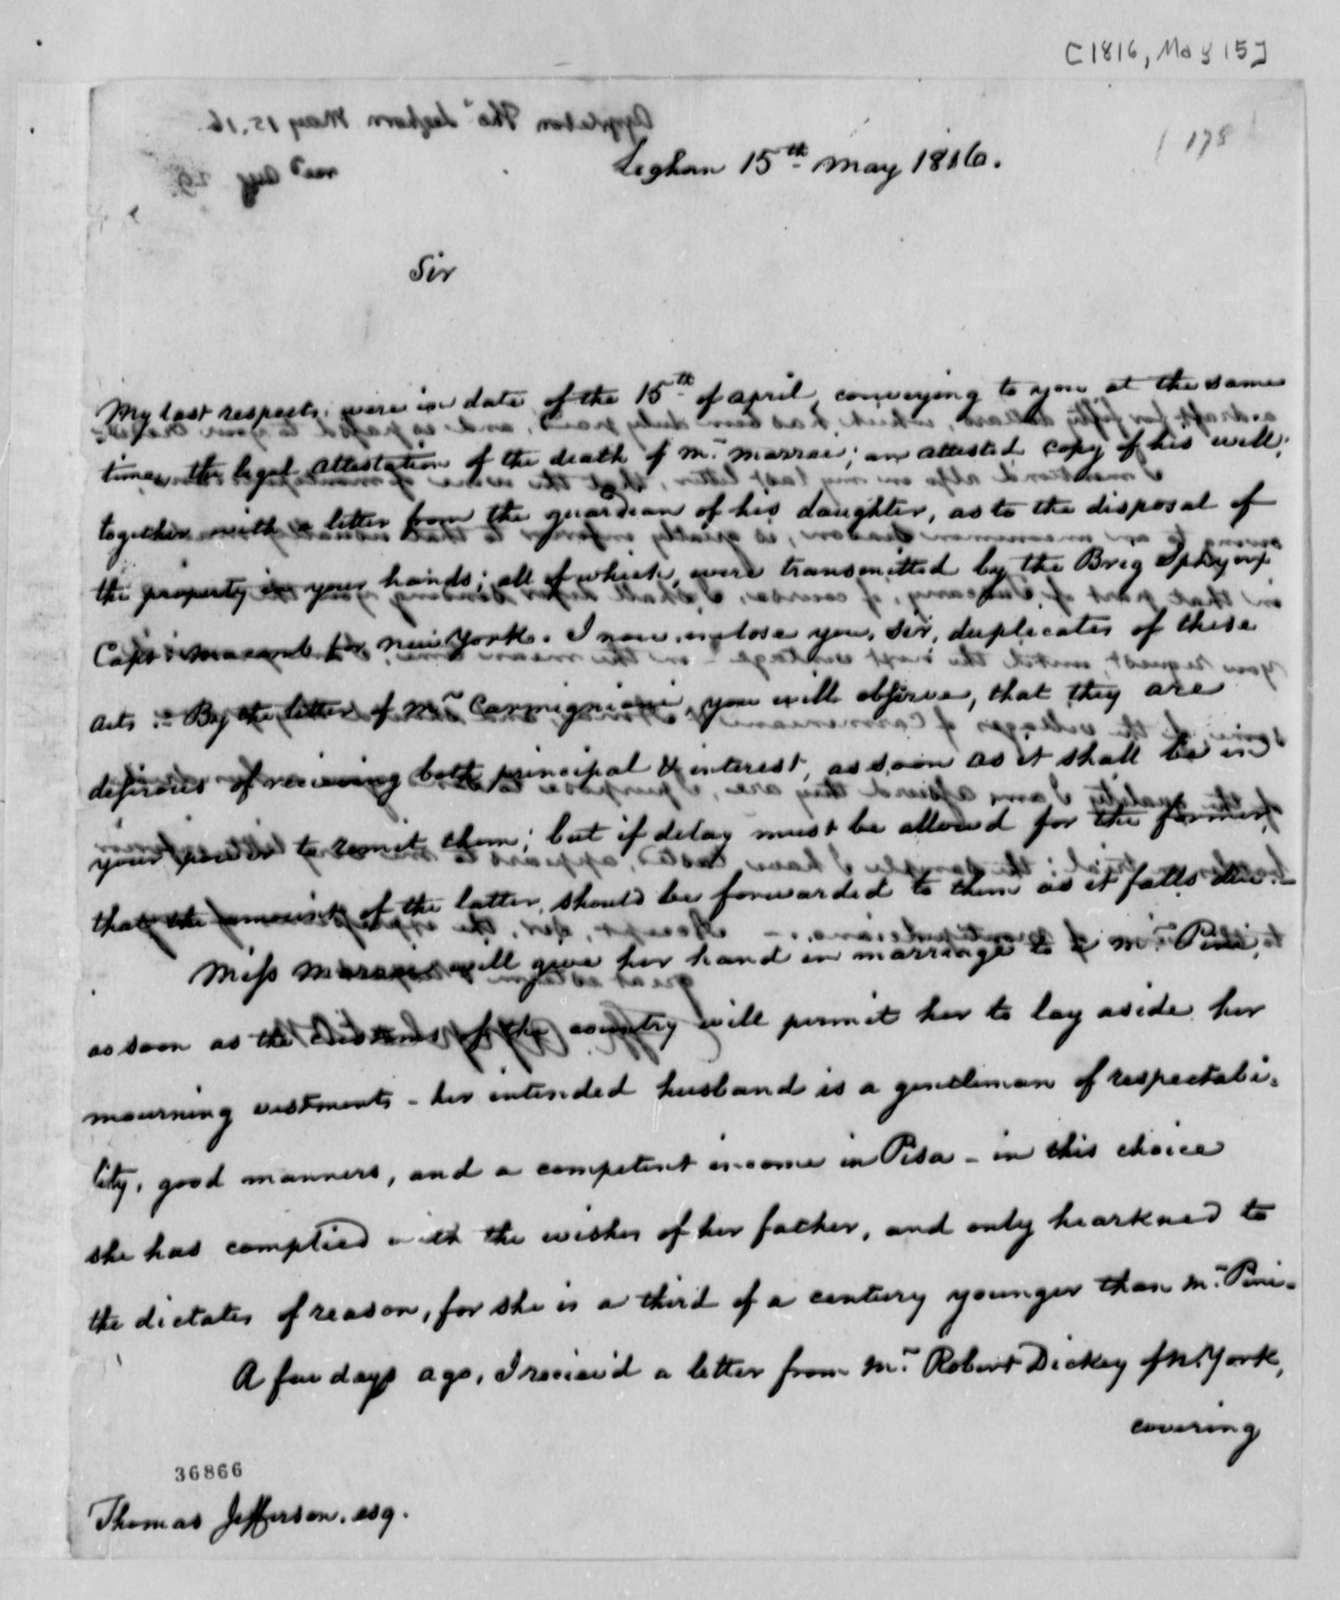 Thomas Appleton to Thomas Jefferson, May 15, 1816